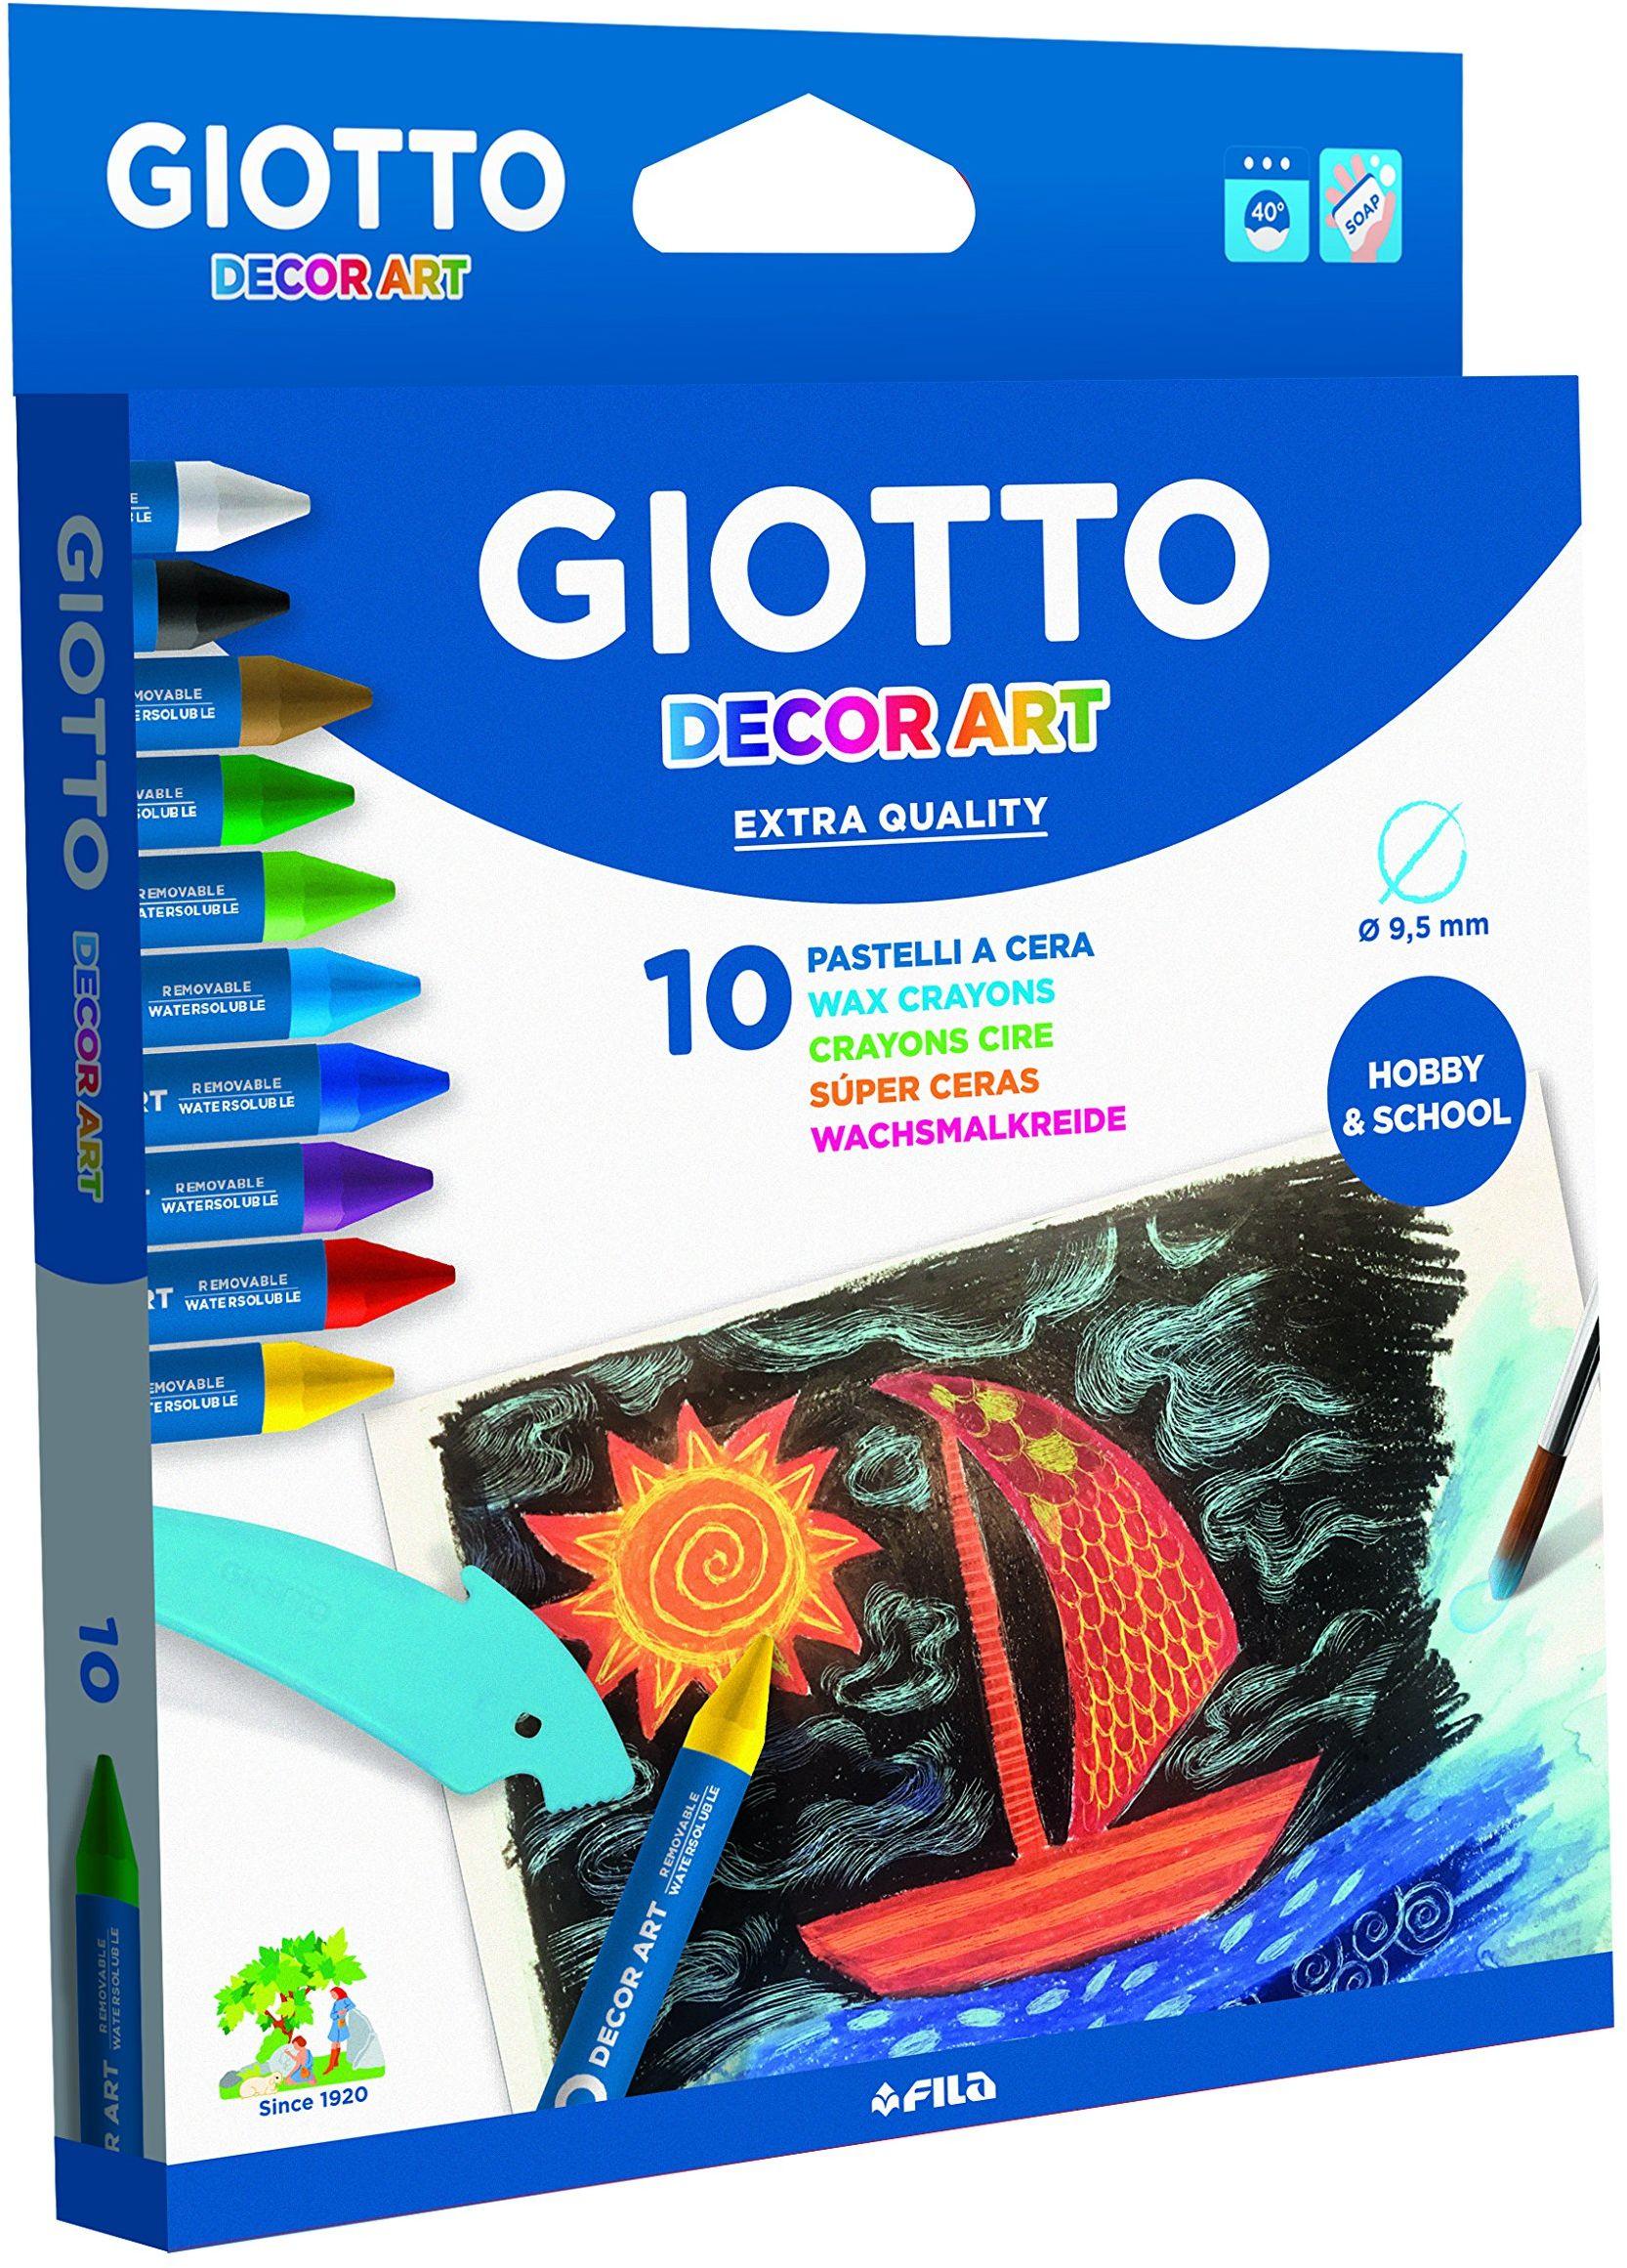 Giotto Decor, rozpuszczalne w wodzie kredki świecowe, 10, 14 x 1,5 x 18 cm